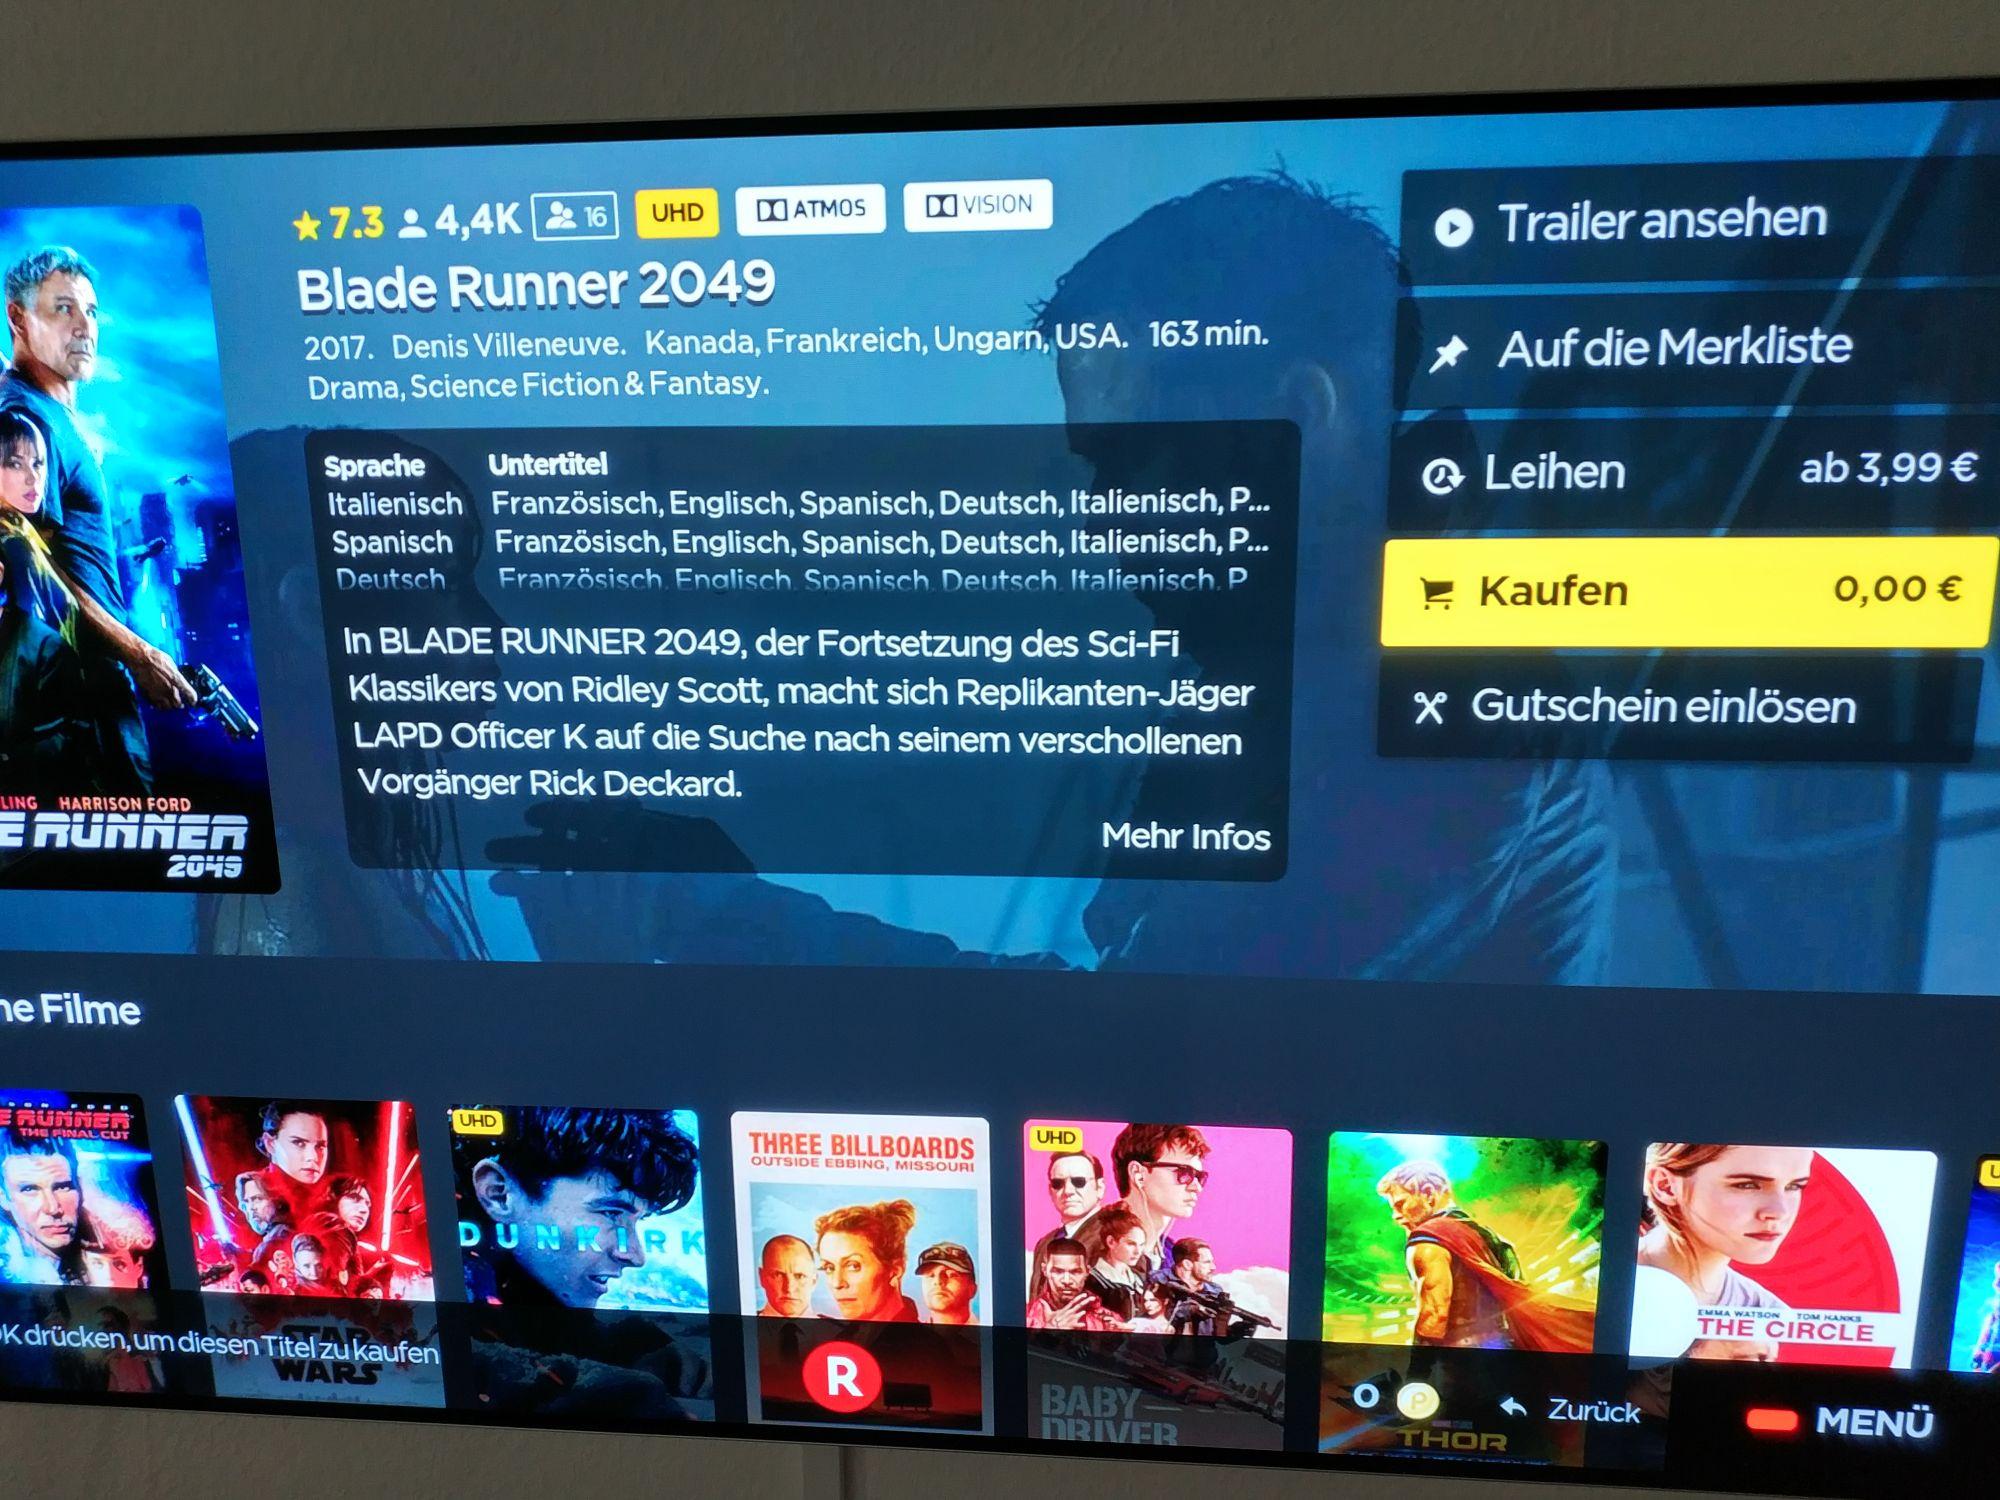 Rakuten.tv ein UHD Leih Film gratis für Neukunden (Smart TV App) danach bekommt man noch einen weiteren Gutschein!